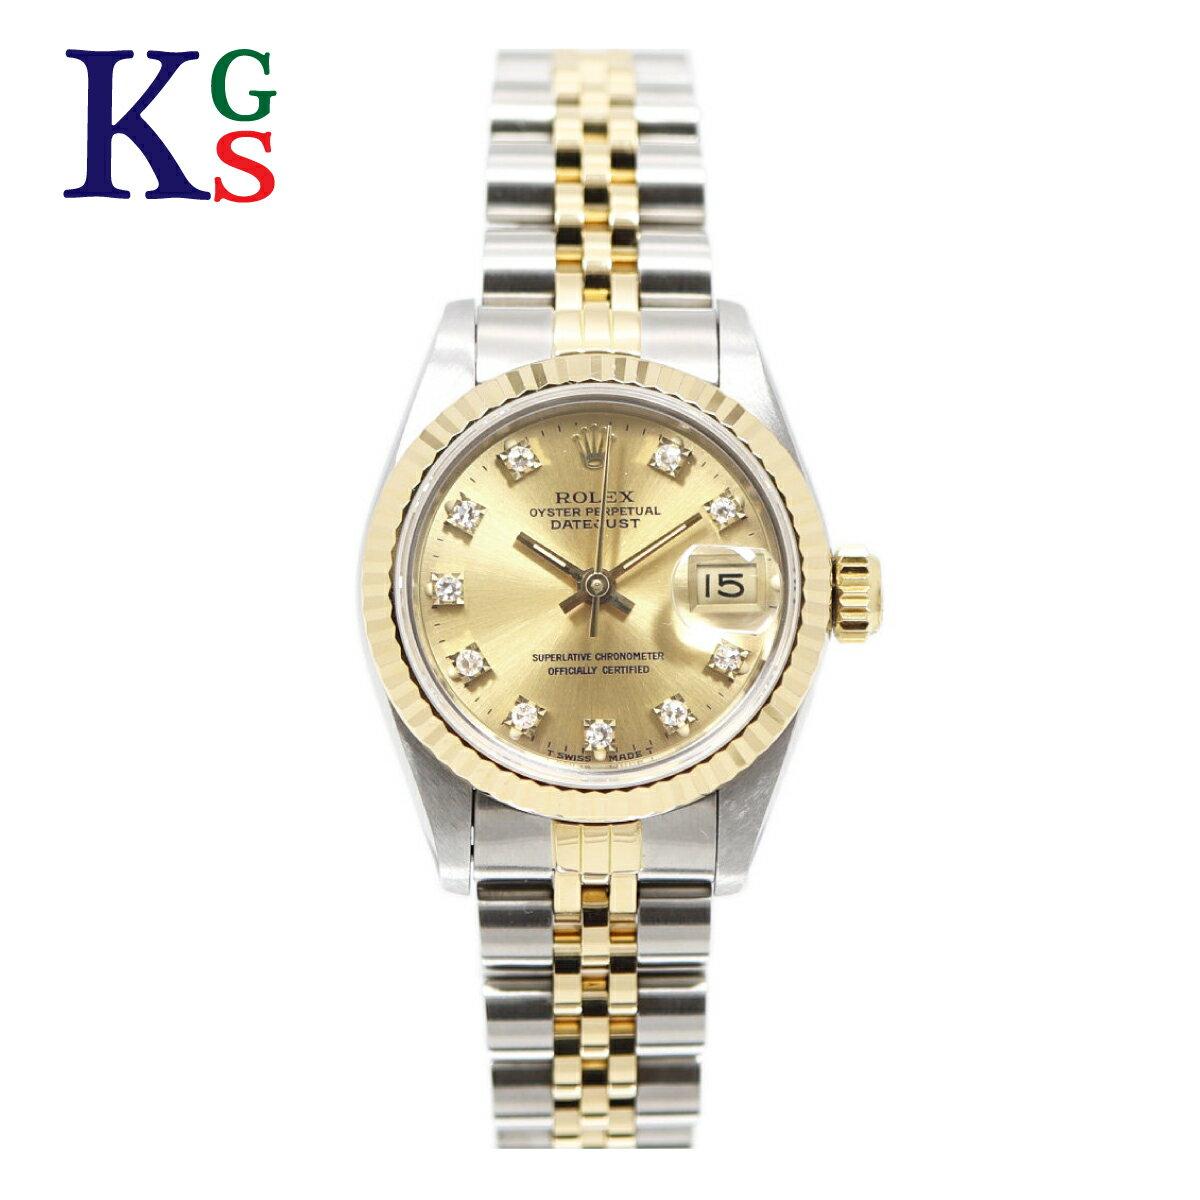 【新古品】ロレックス/ROLEX レディース 腕時計 デイトジャスト シルバーxゴールド コンビ 10Pダイヤモンド ステンレススチールxK18YG 69173G 自動巻き